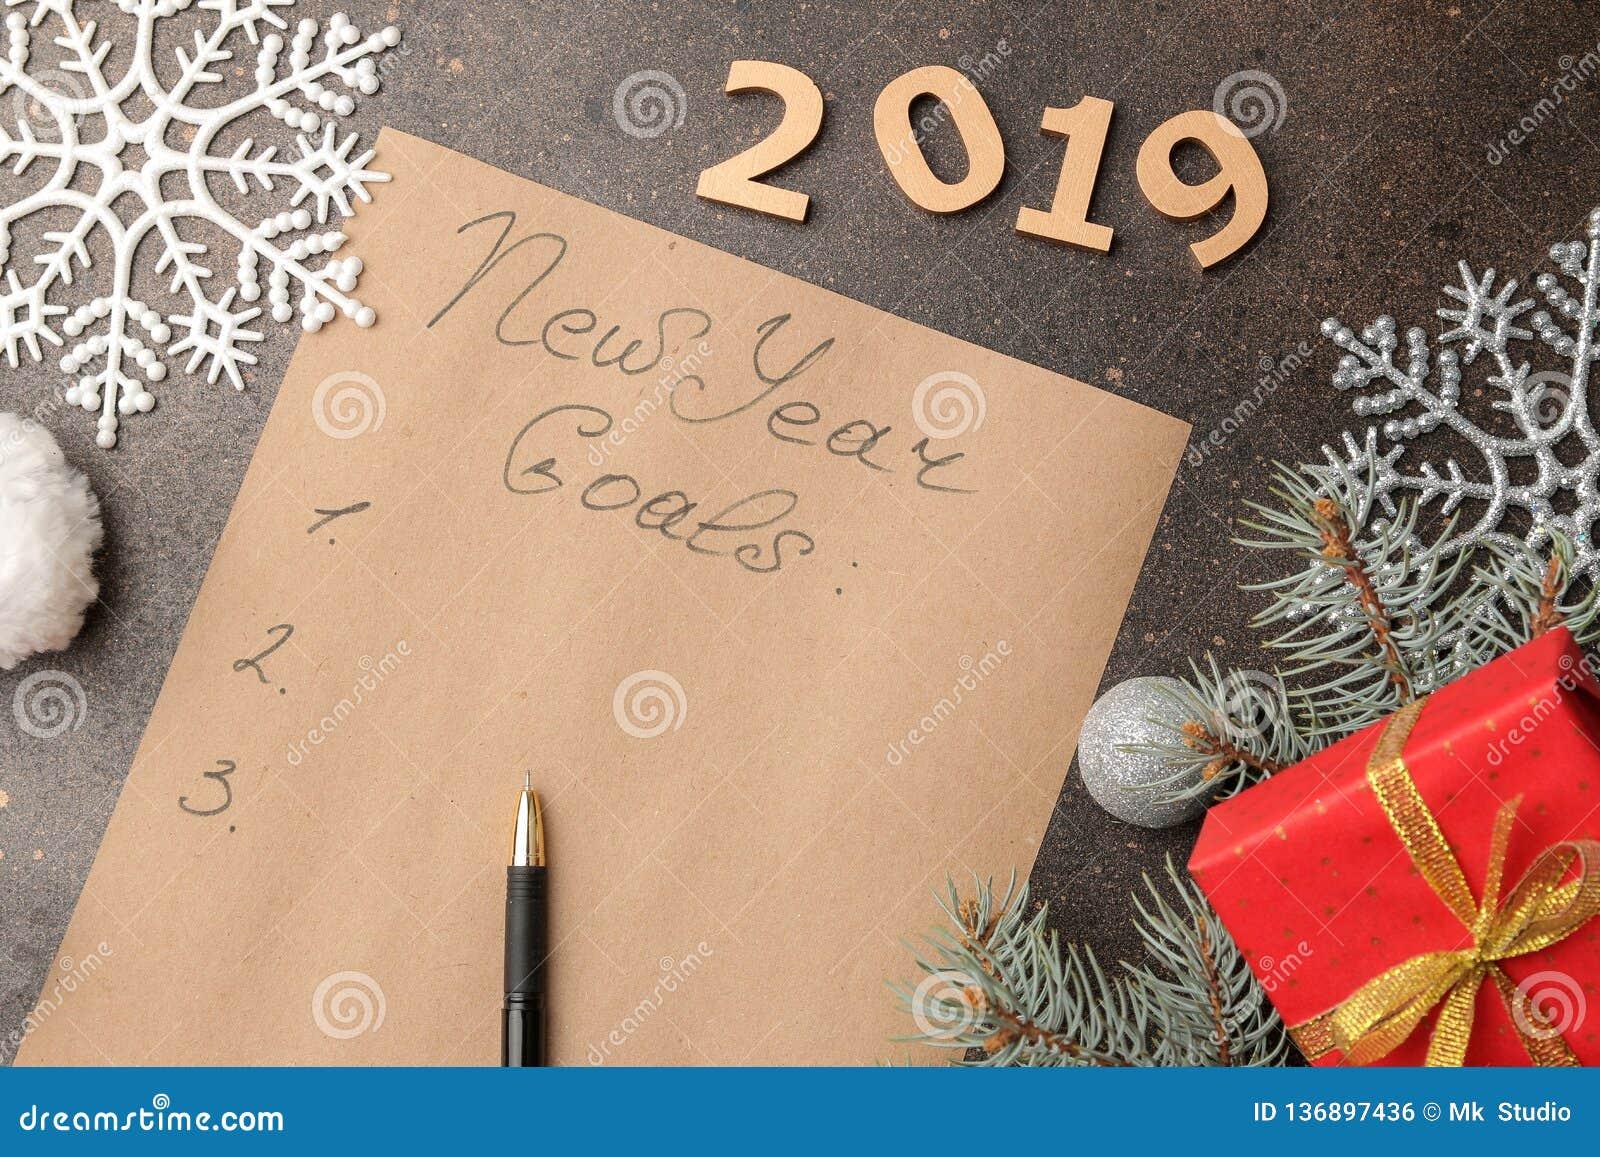 Nouveaux buts 2019 Texte sur un morceau de papier avec un stylo et décoration de nouvelle année sur un fond foncé